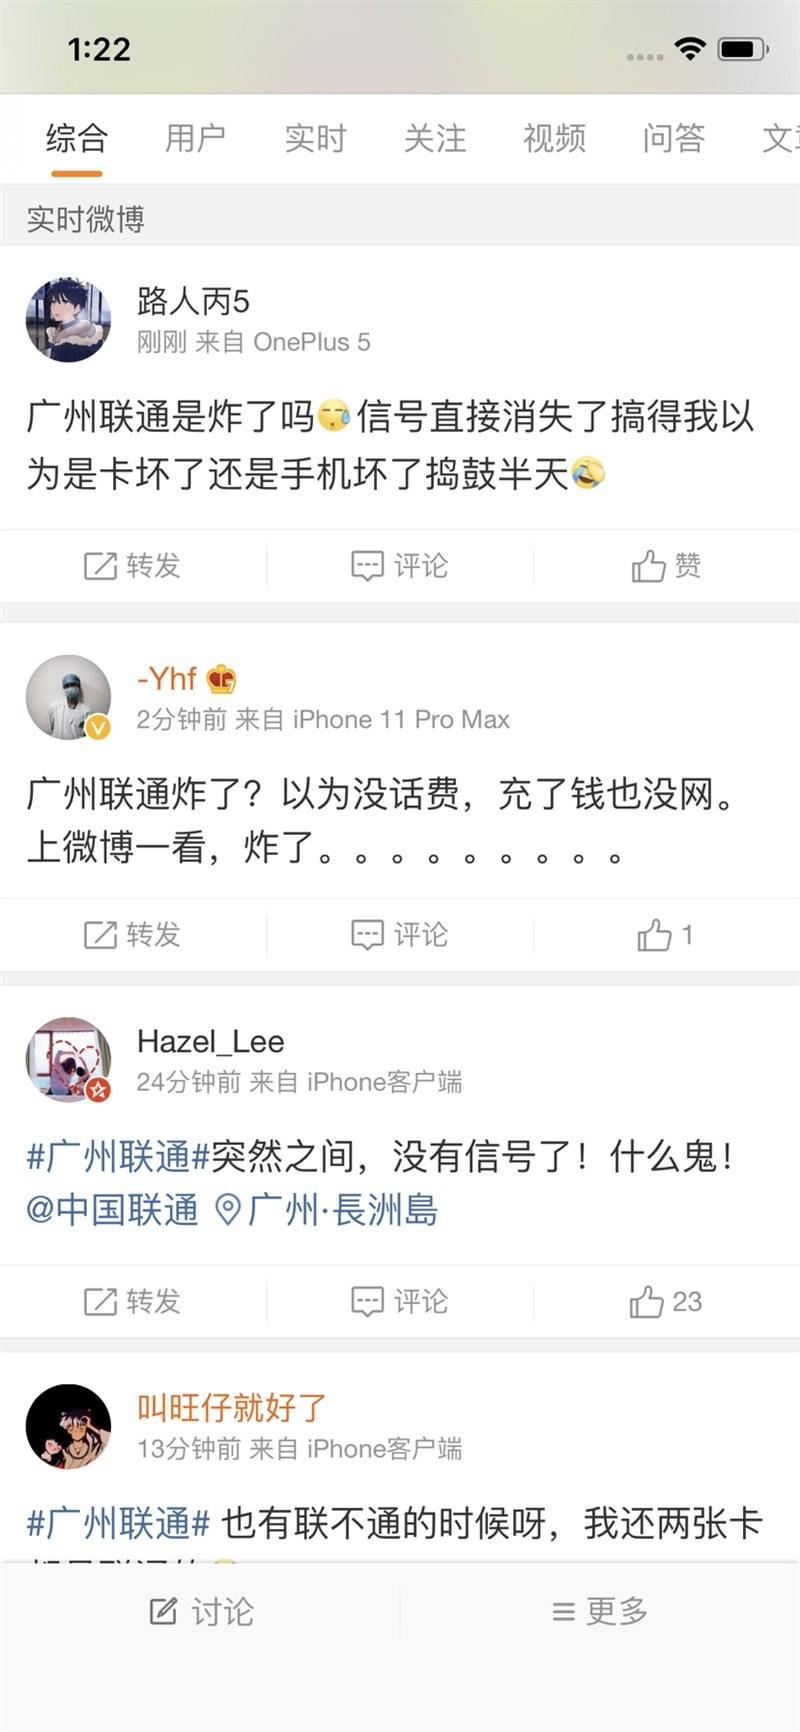 今天凌晨广州联通突然无信号长达两小时,网友:以为自己手机坏了